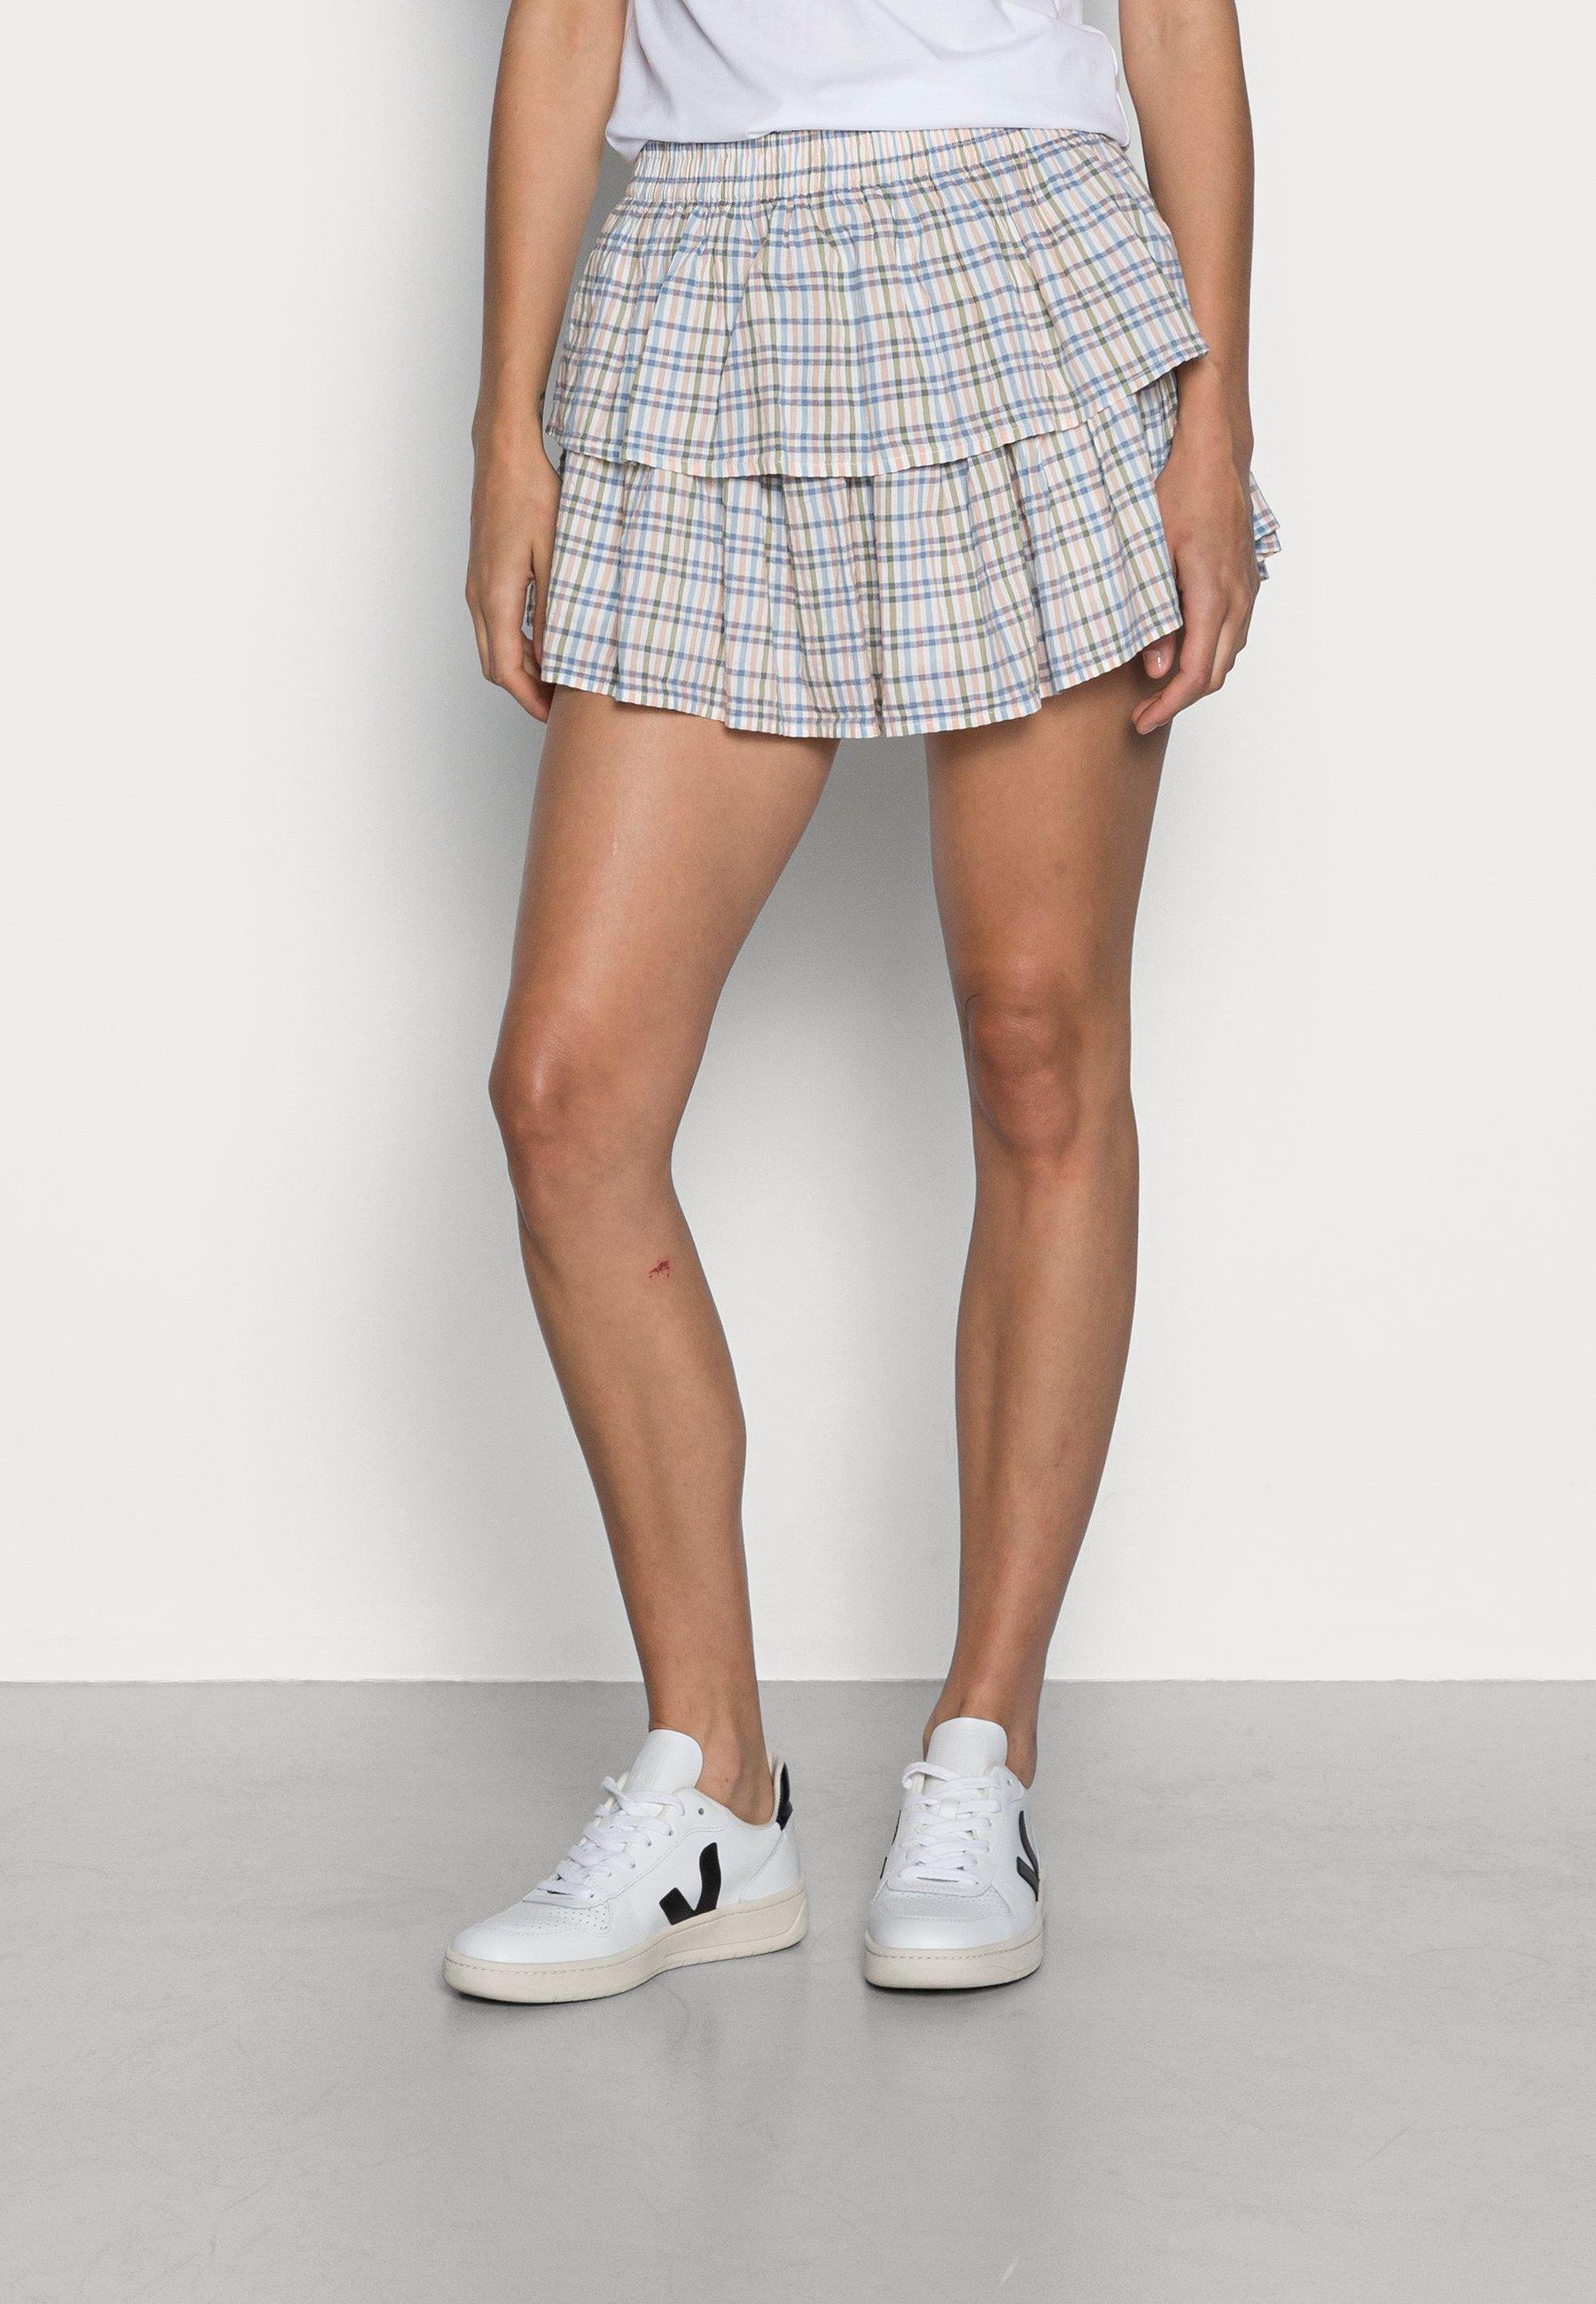 Femme PLAID SKIRT - Minijupe